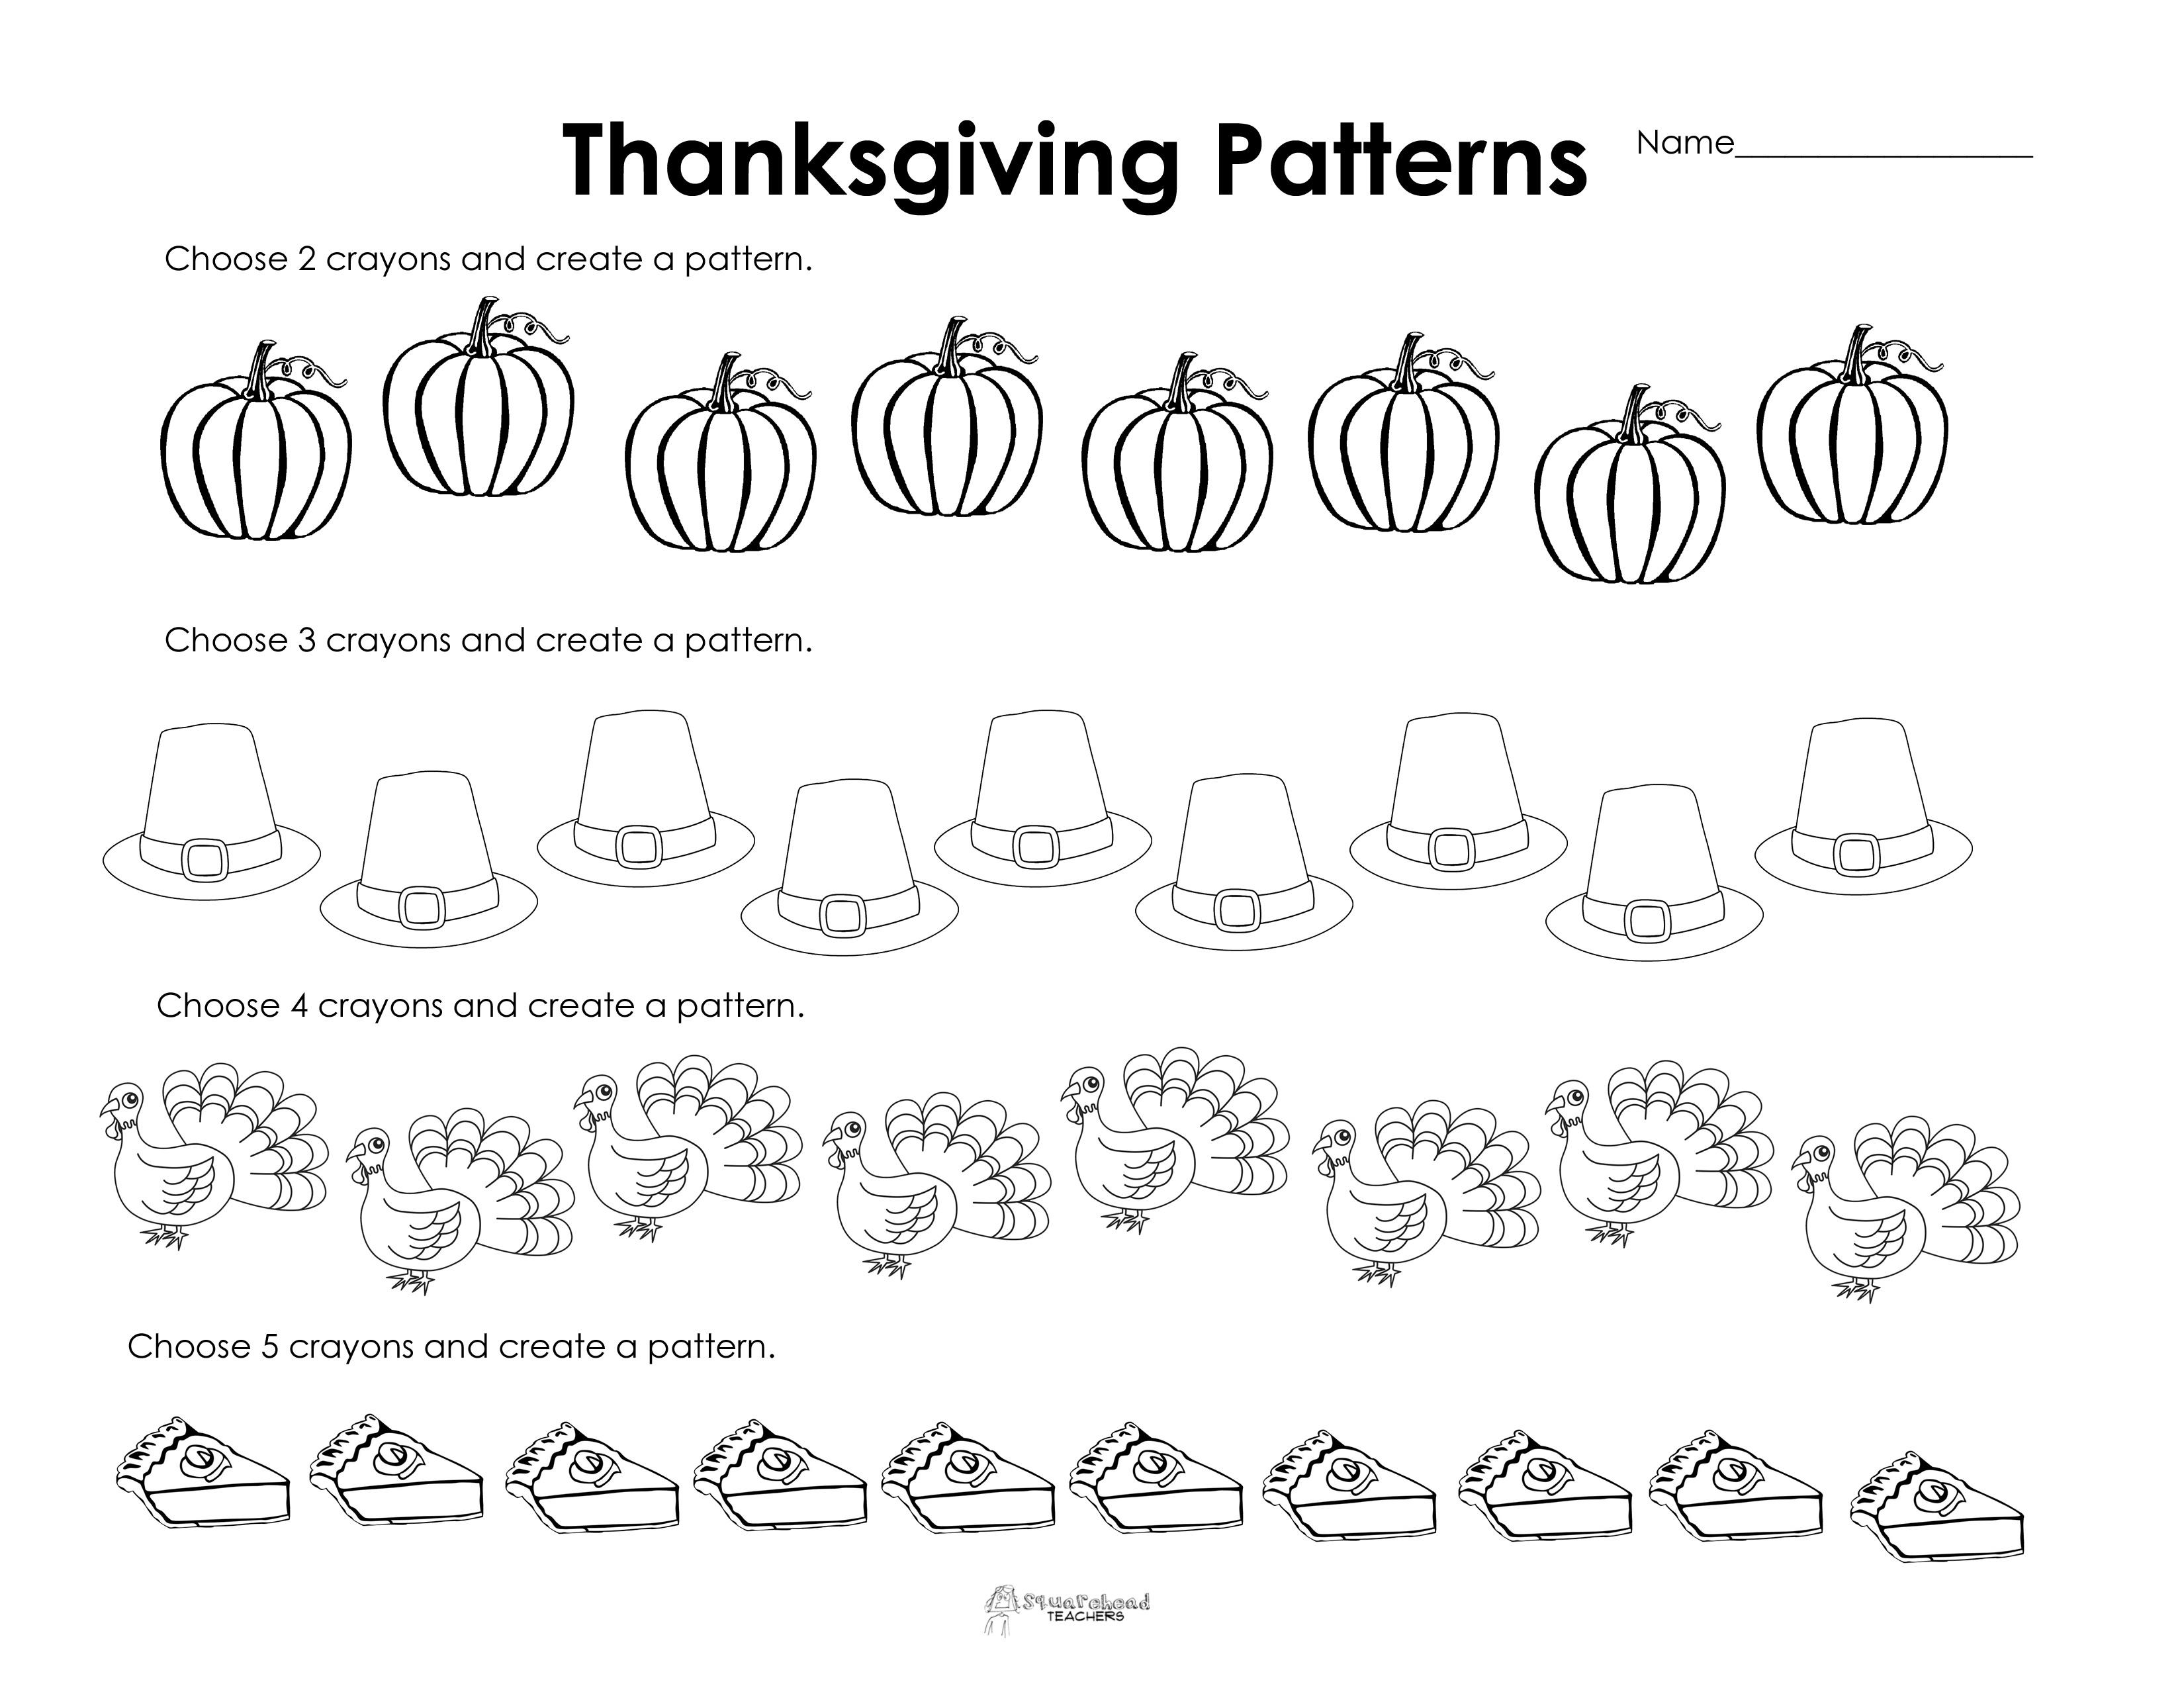 Making Patterns: Thanksgiving Style (Free Worksheet!)   Squarehead - Free Printable Thanksgiving Worksheets